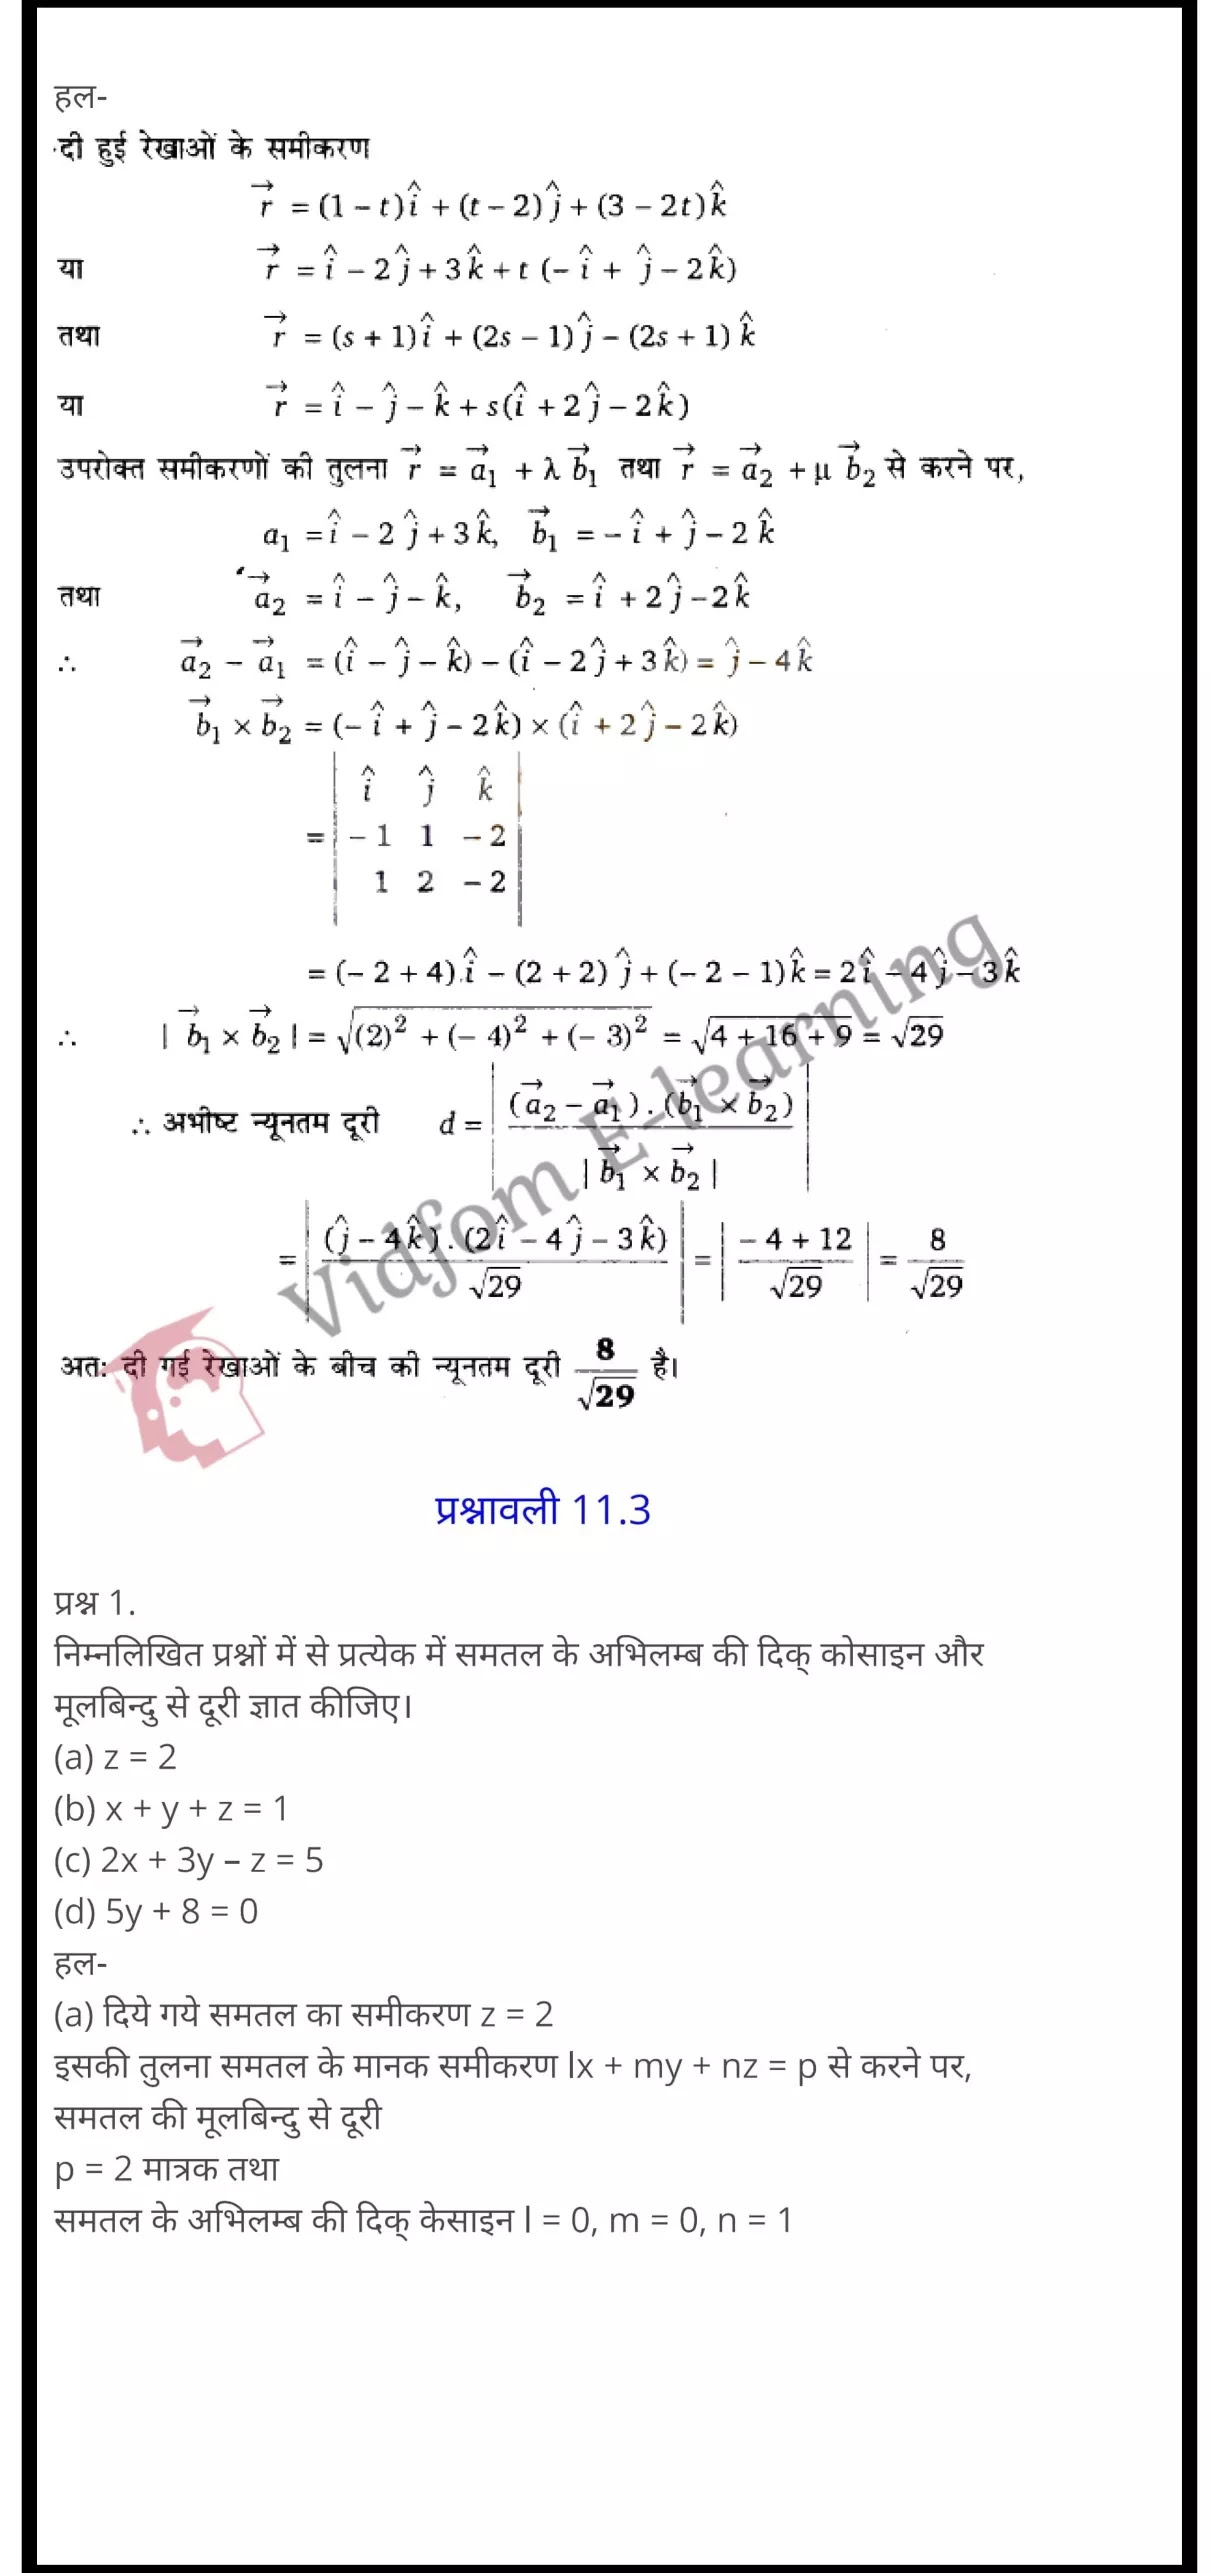 class 12 maths chapter 11 light hindi medium 11